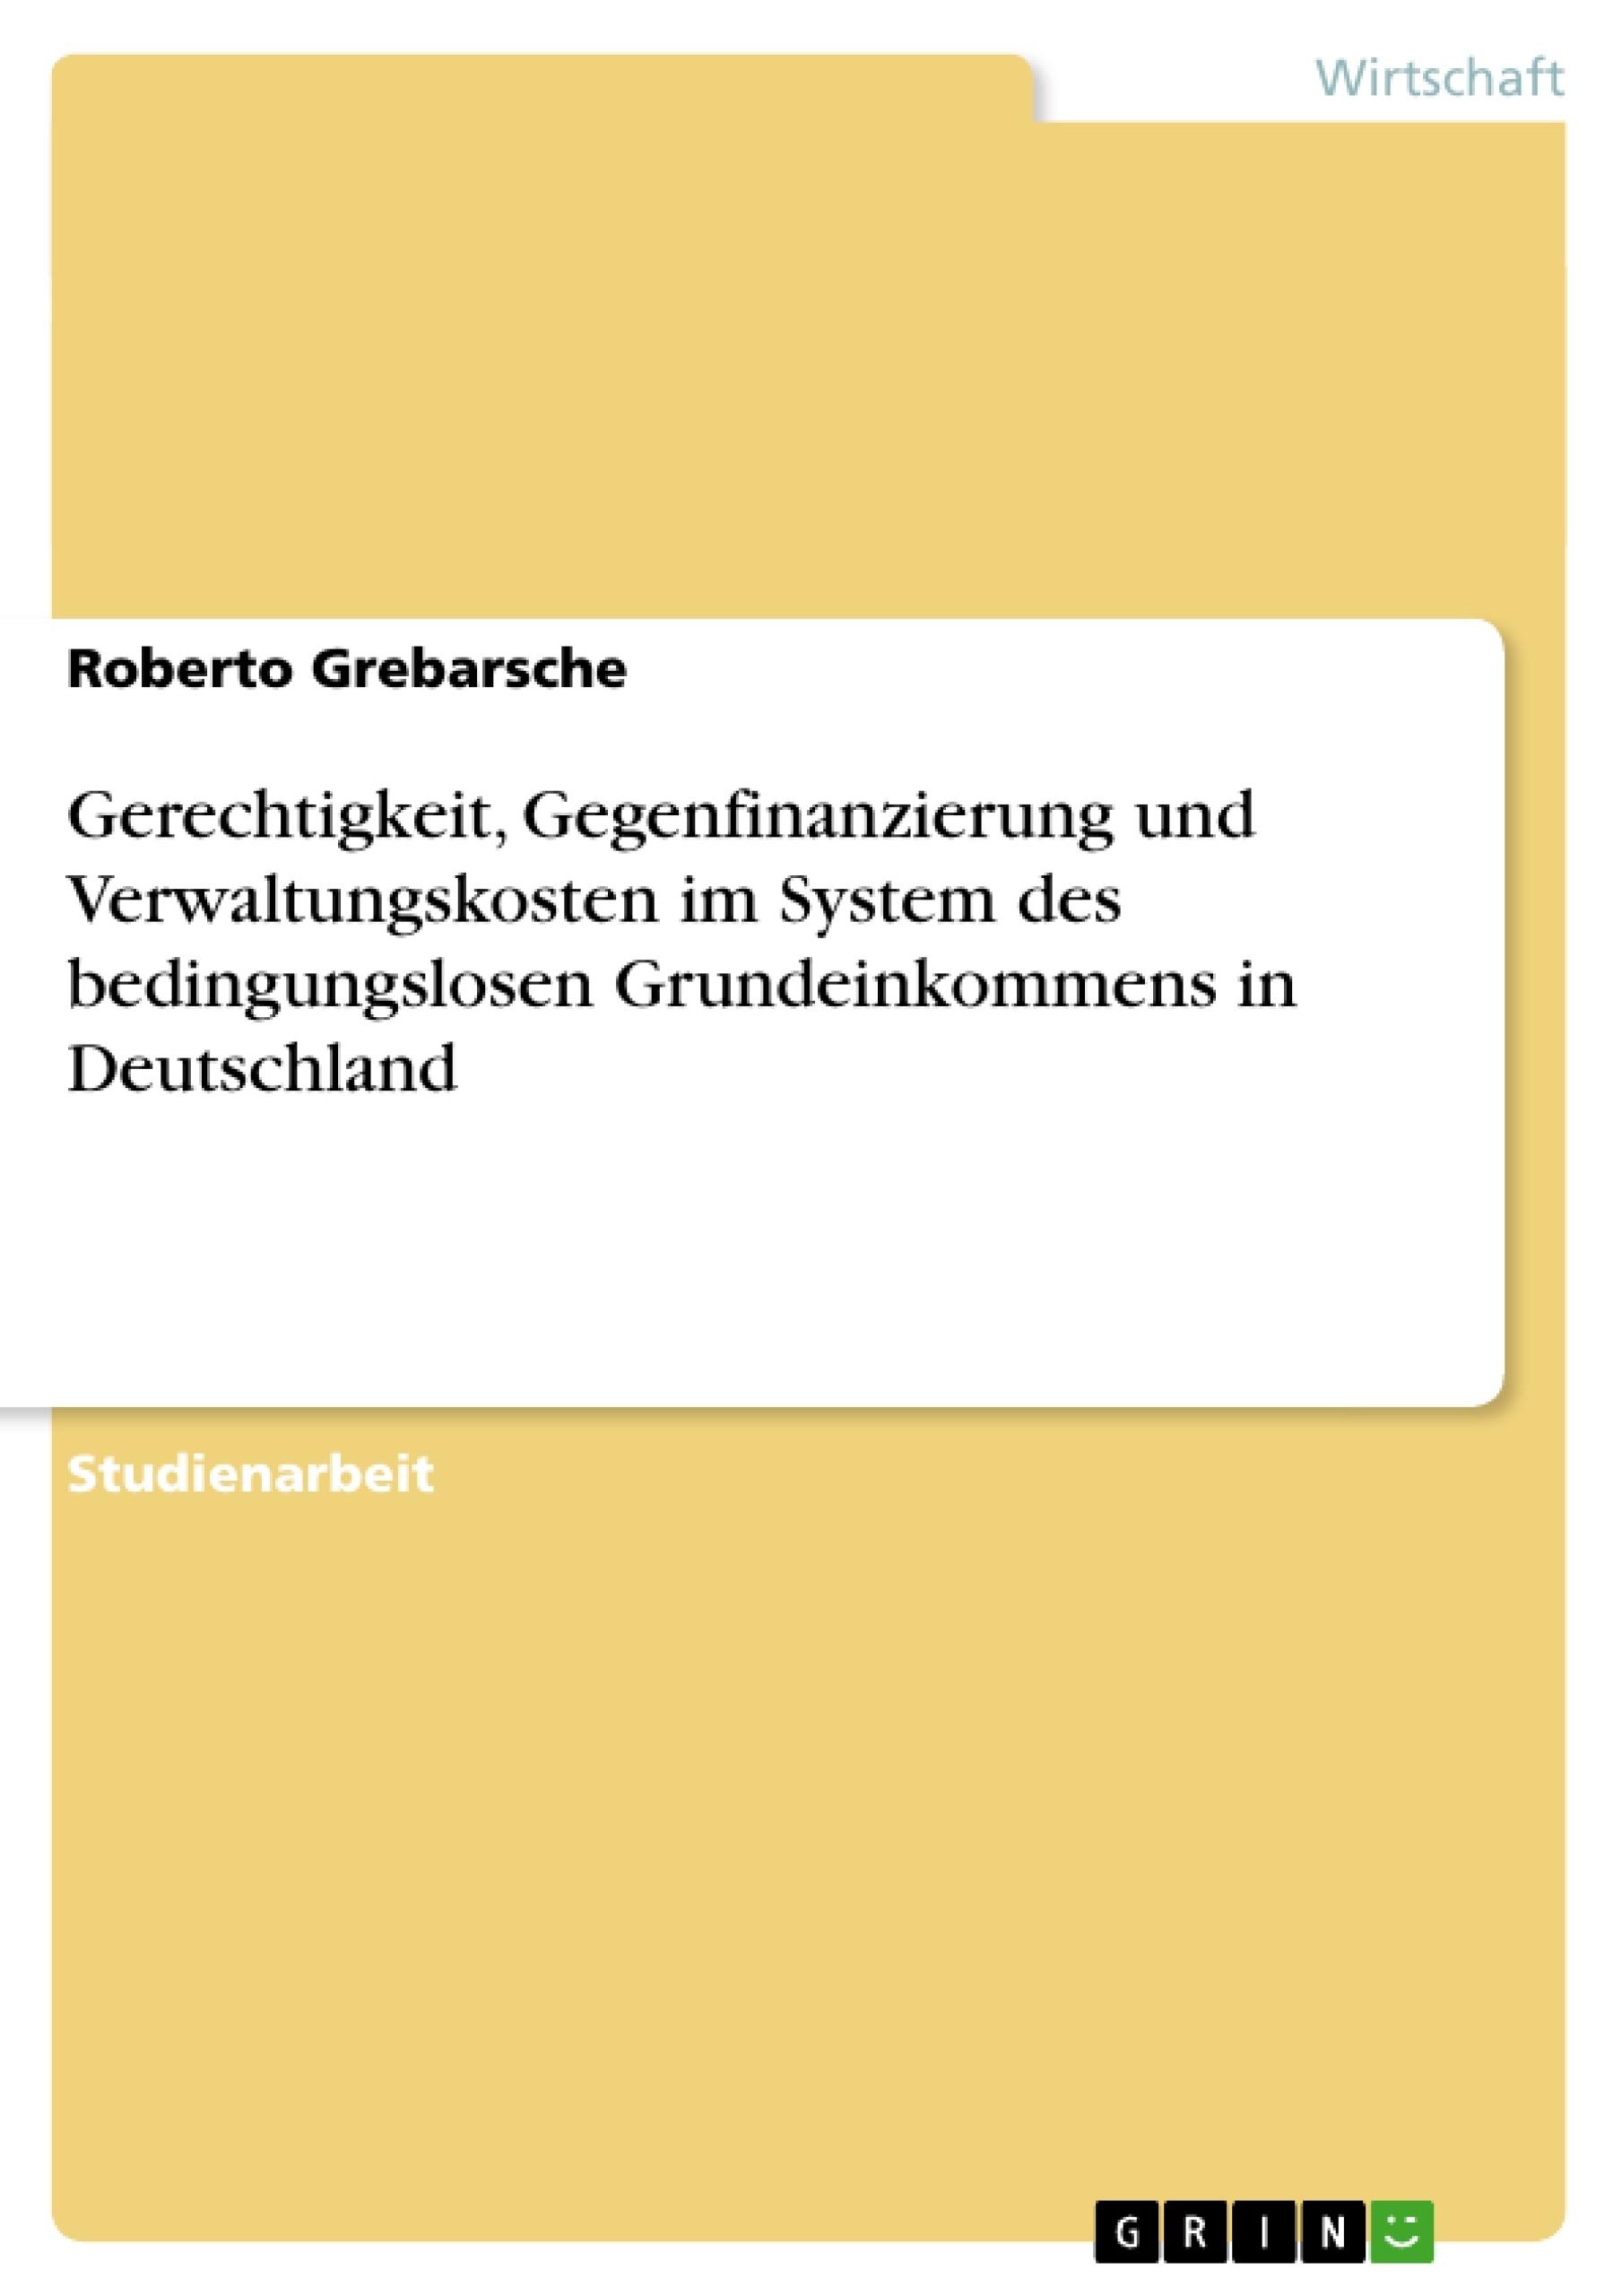 Titel: Gerechtigkeit, Gegenfinanzierung und Verwaltungskosten im System des bedingungslosen Grundeinkommens in Deutschland